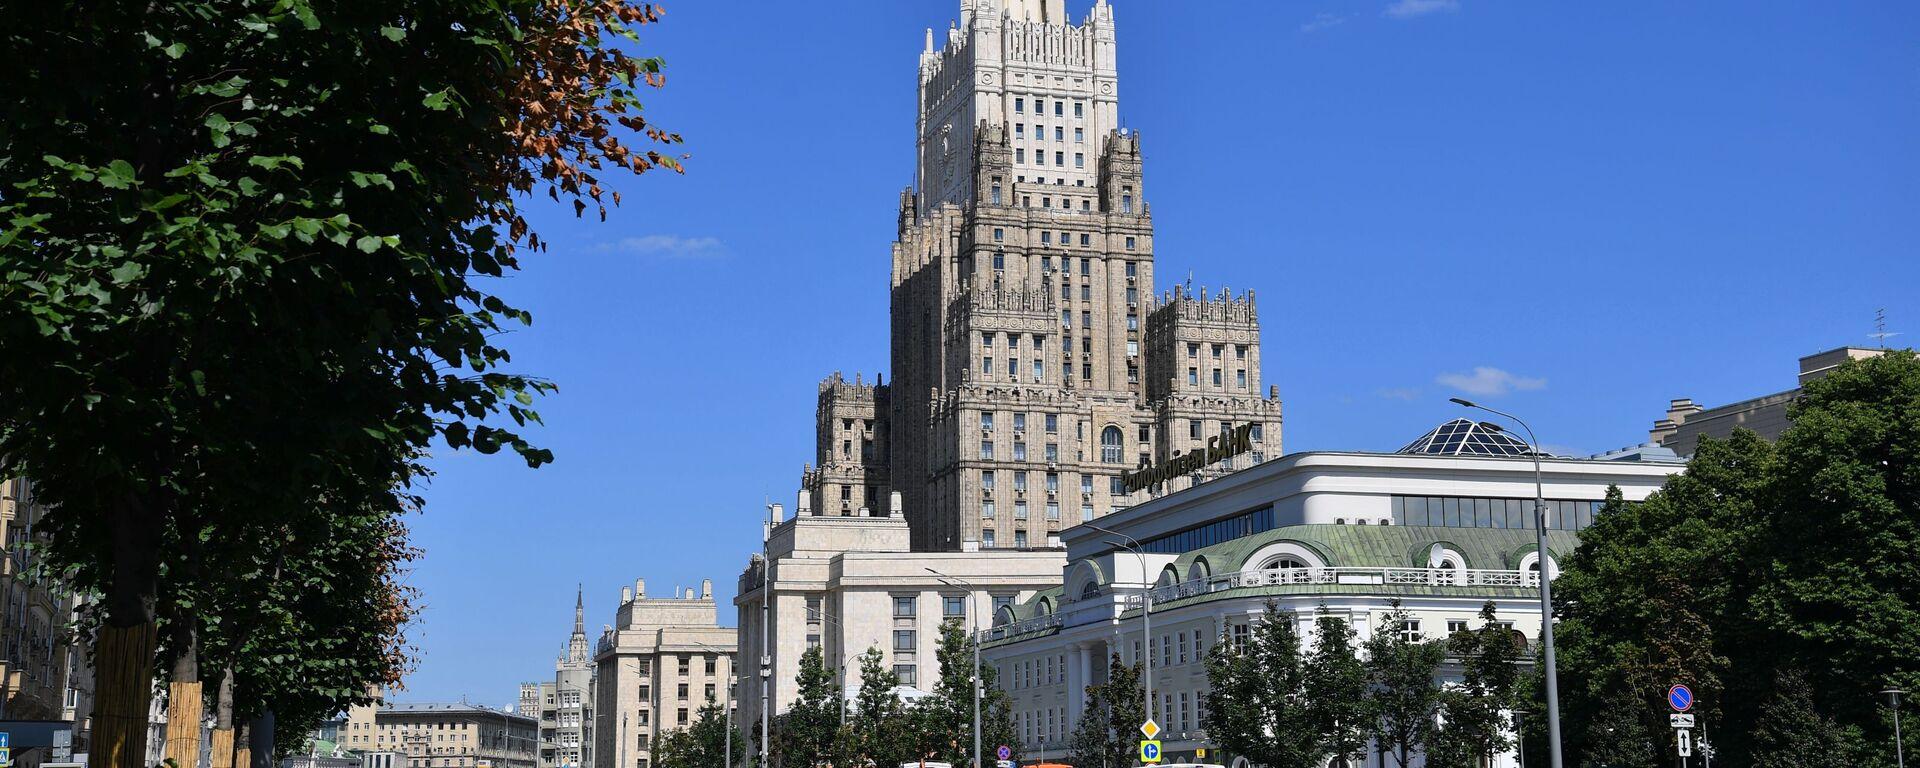 Budova Ministerstva zahraničí RF v Moskvě - Sputnik Česká republika, 1920, 17.08.2021